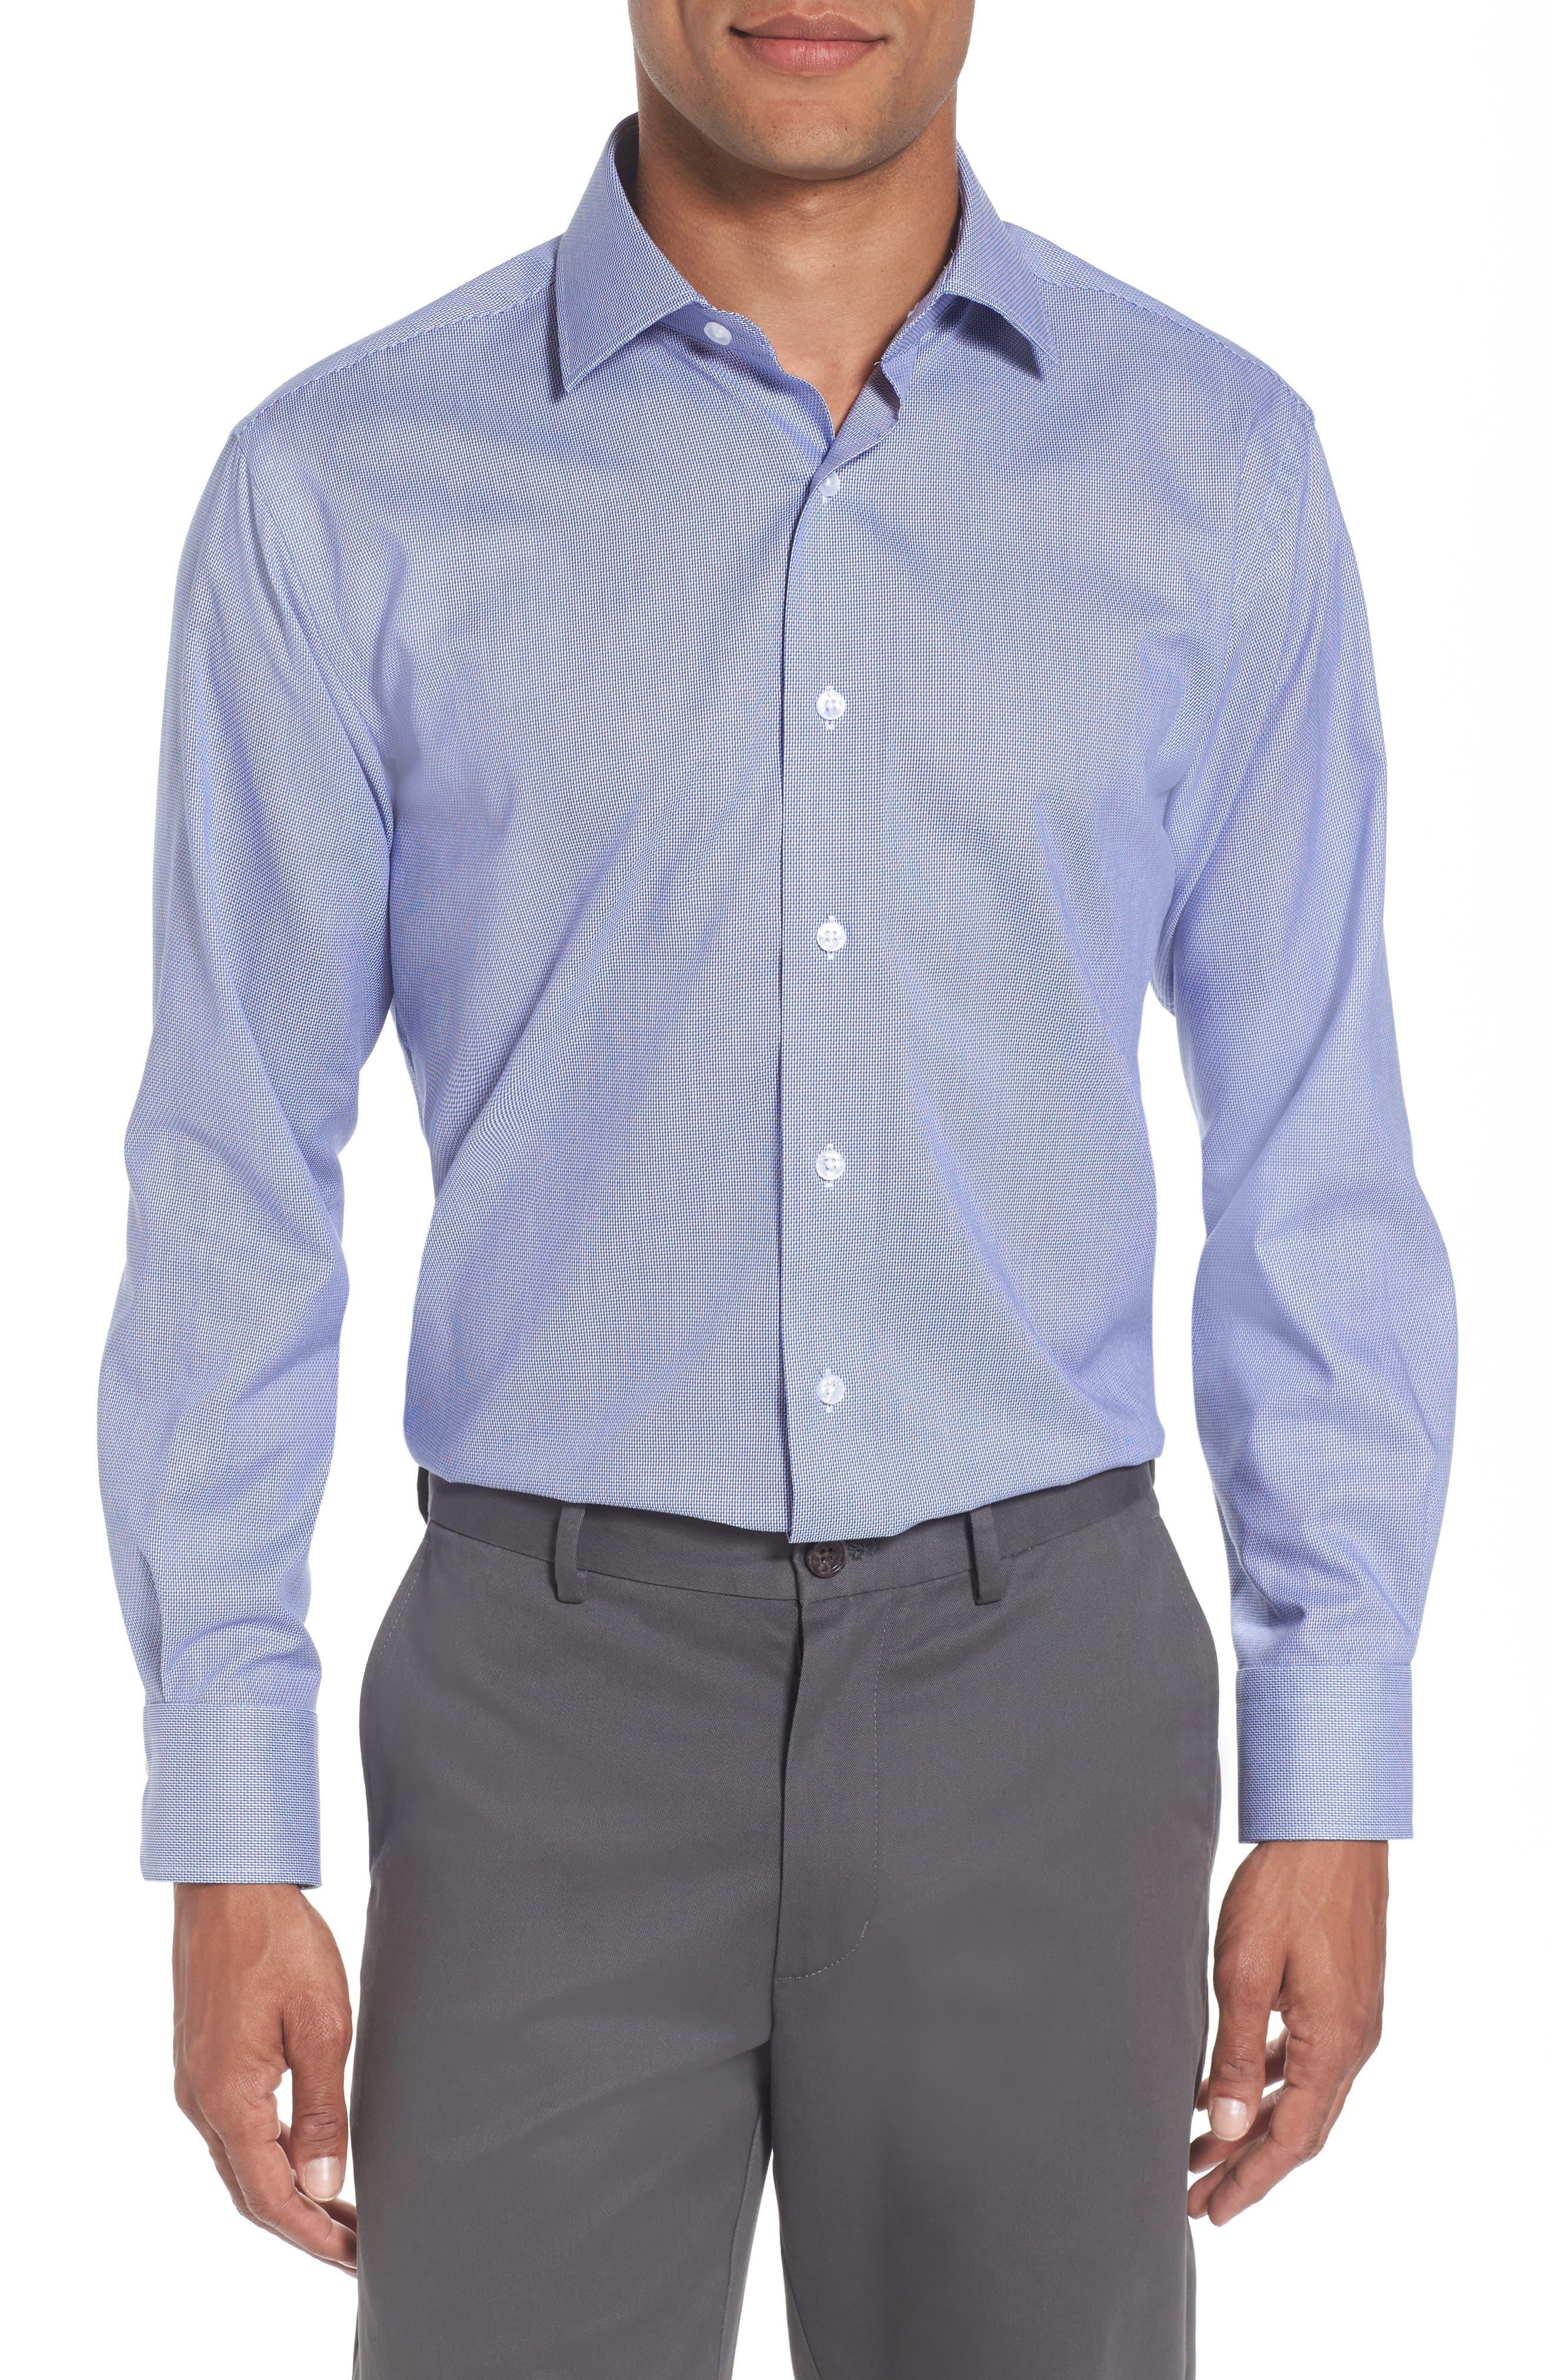 Trim Fit Solid Dress Shirt,                             Main thumbnail 1, color,                             410